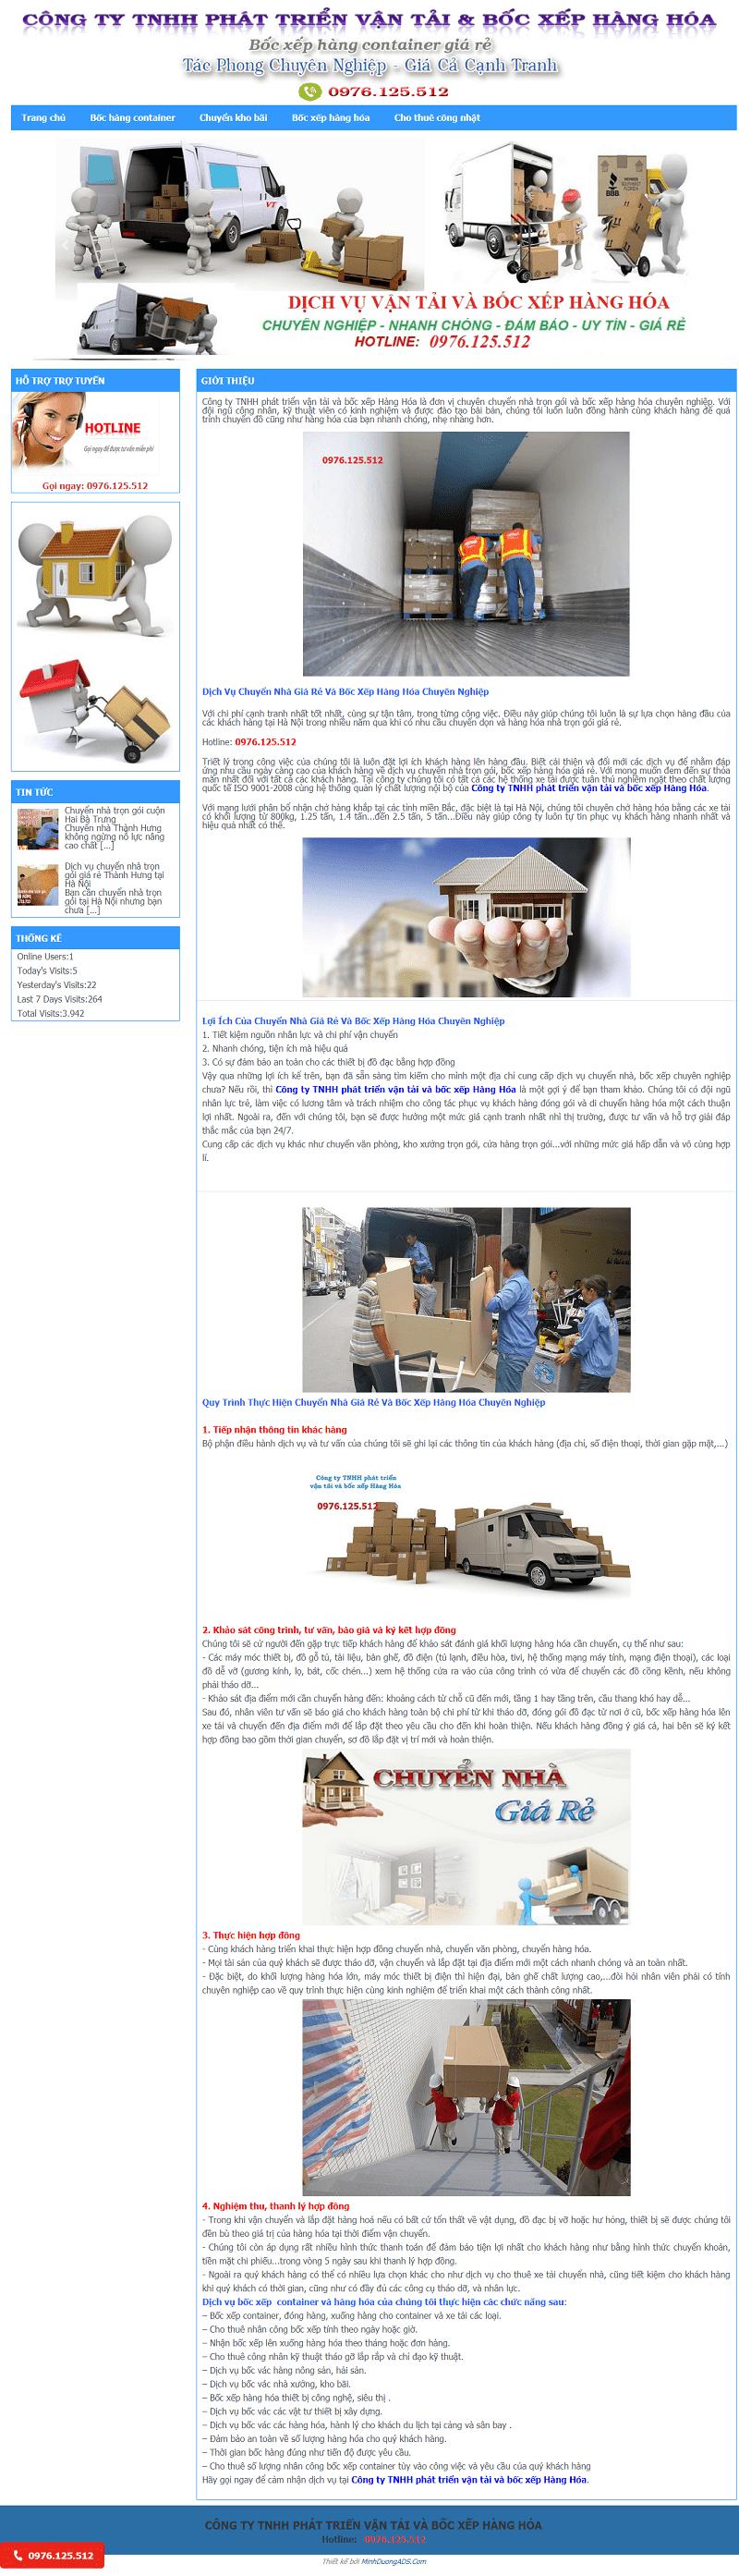 thiết kế website vận chuyển bốc dỡ hàng hóa